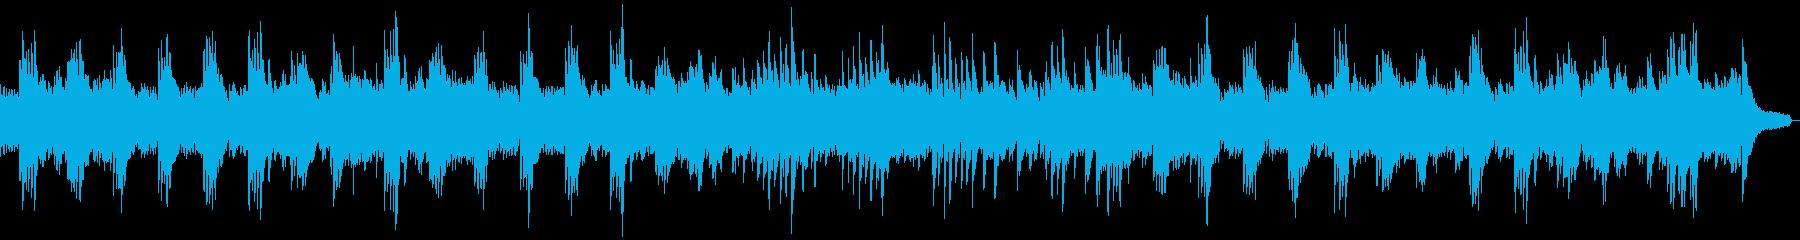 さわやかなソロピアノの再生済みの波形